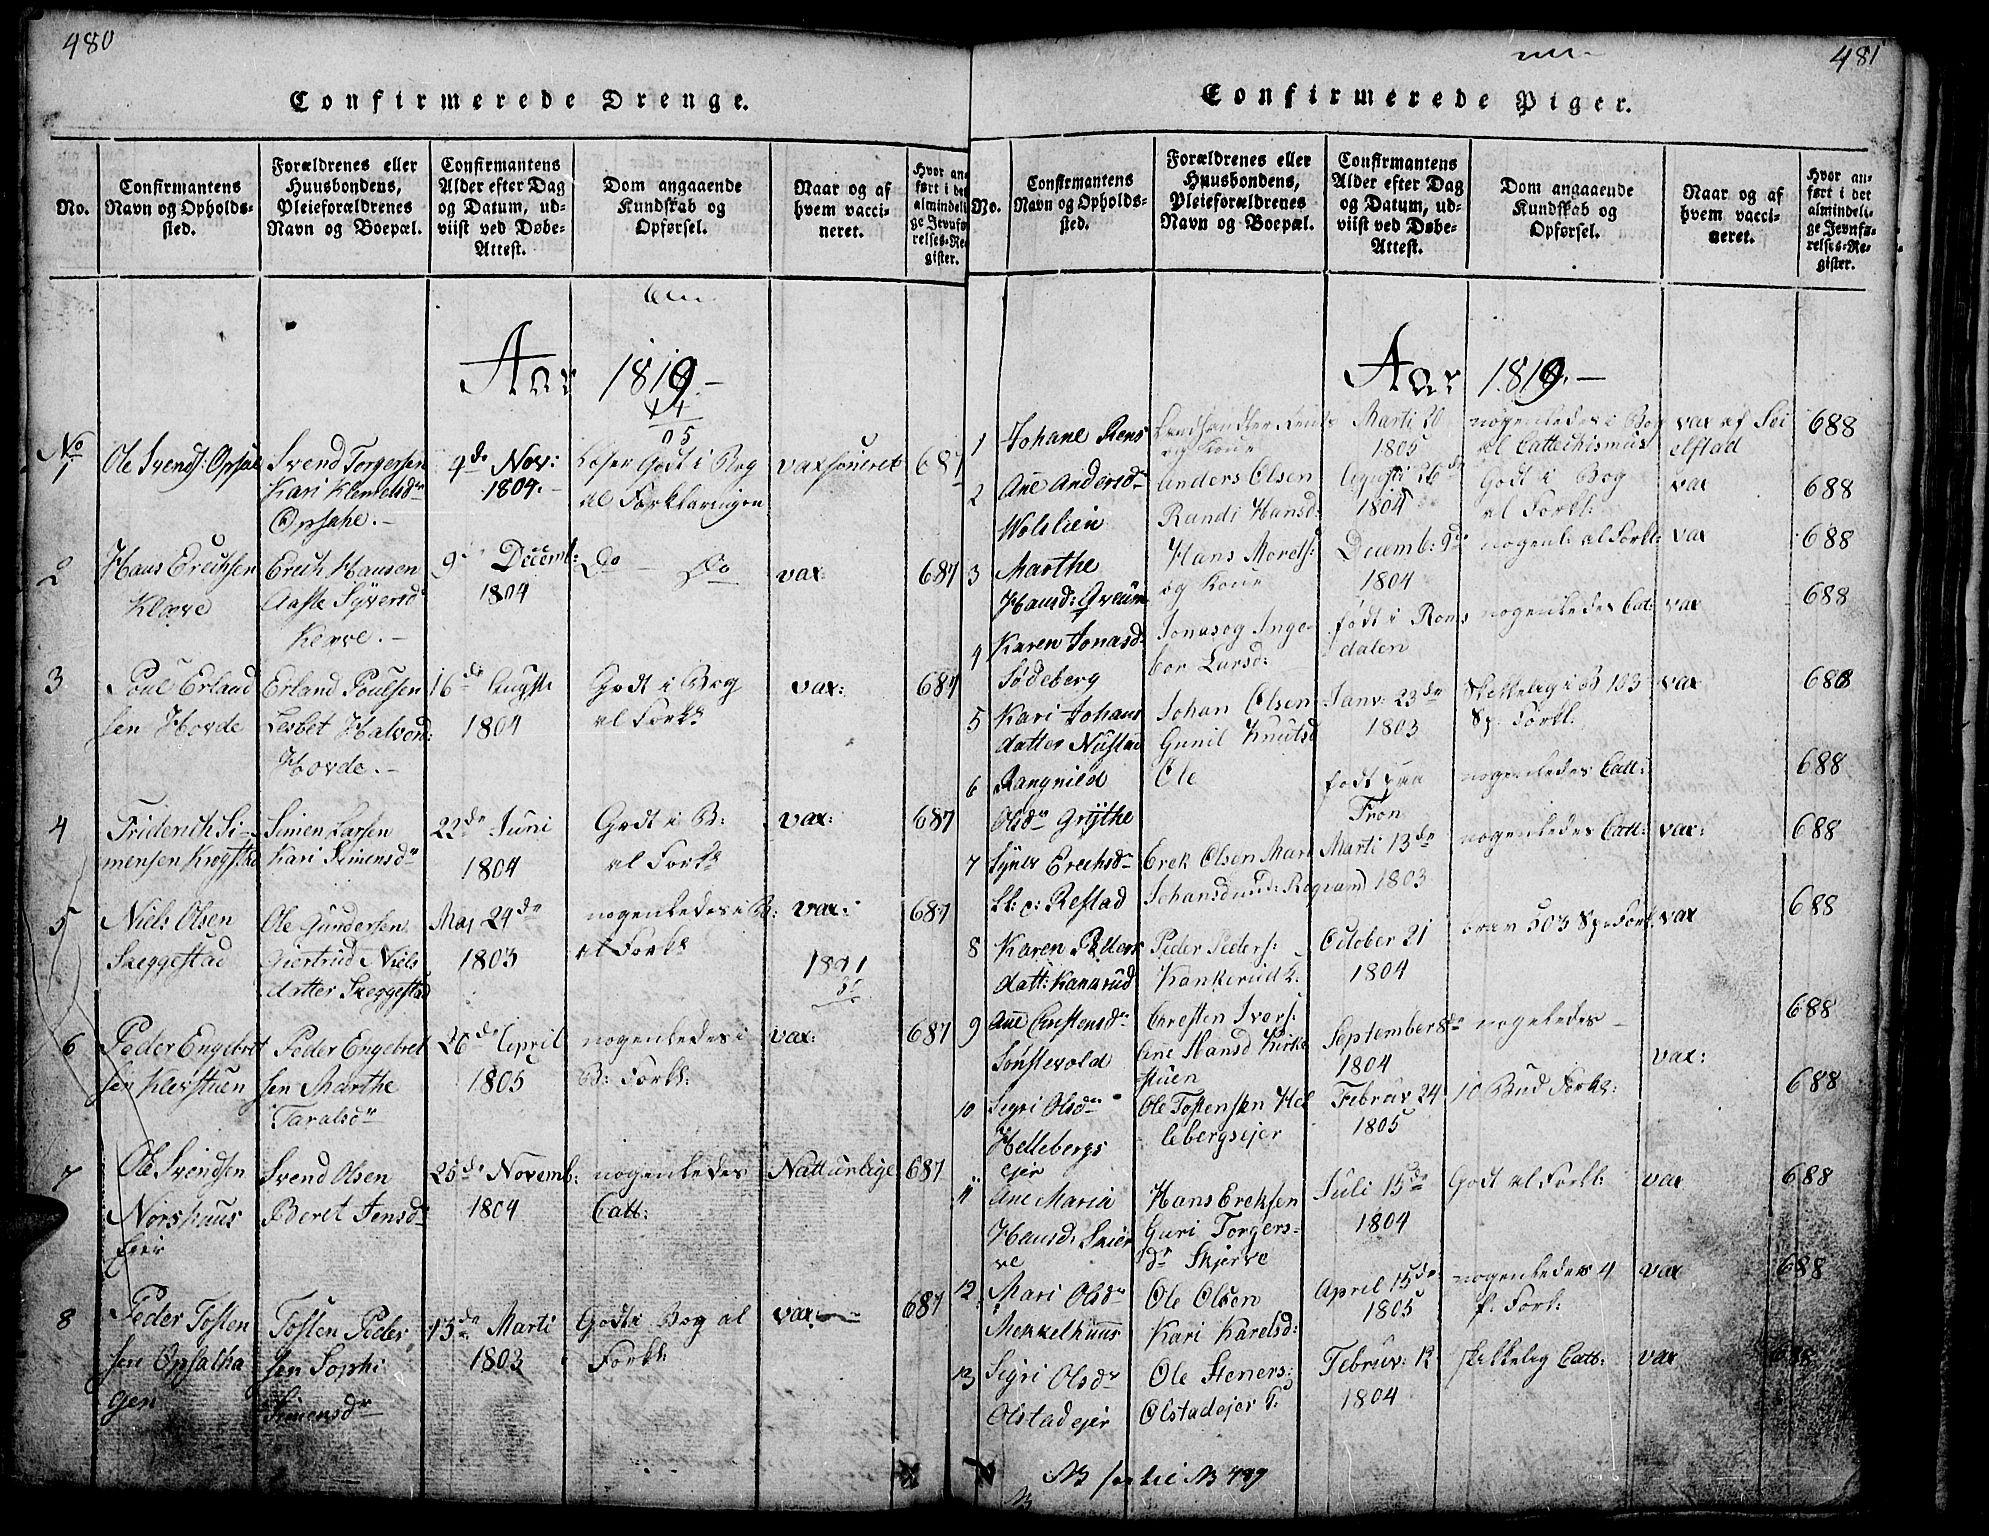 SAH, Gausdal prestekontor, Klokkerbok nr. 1, 1817-1848, s. 480-481